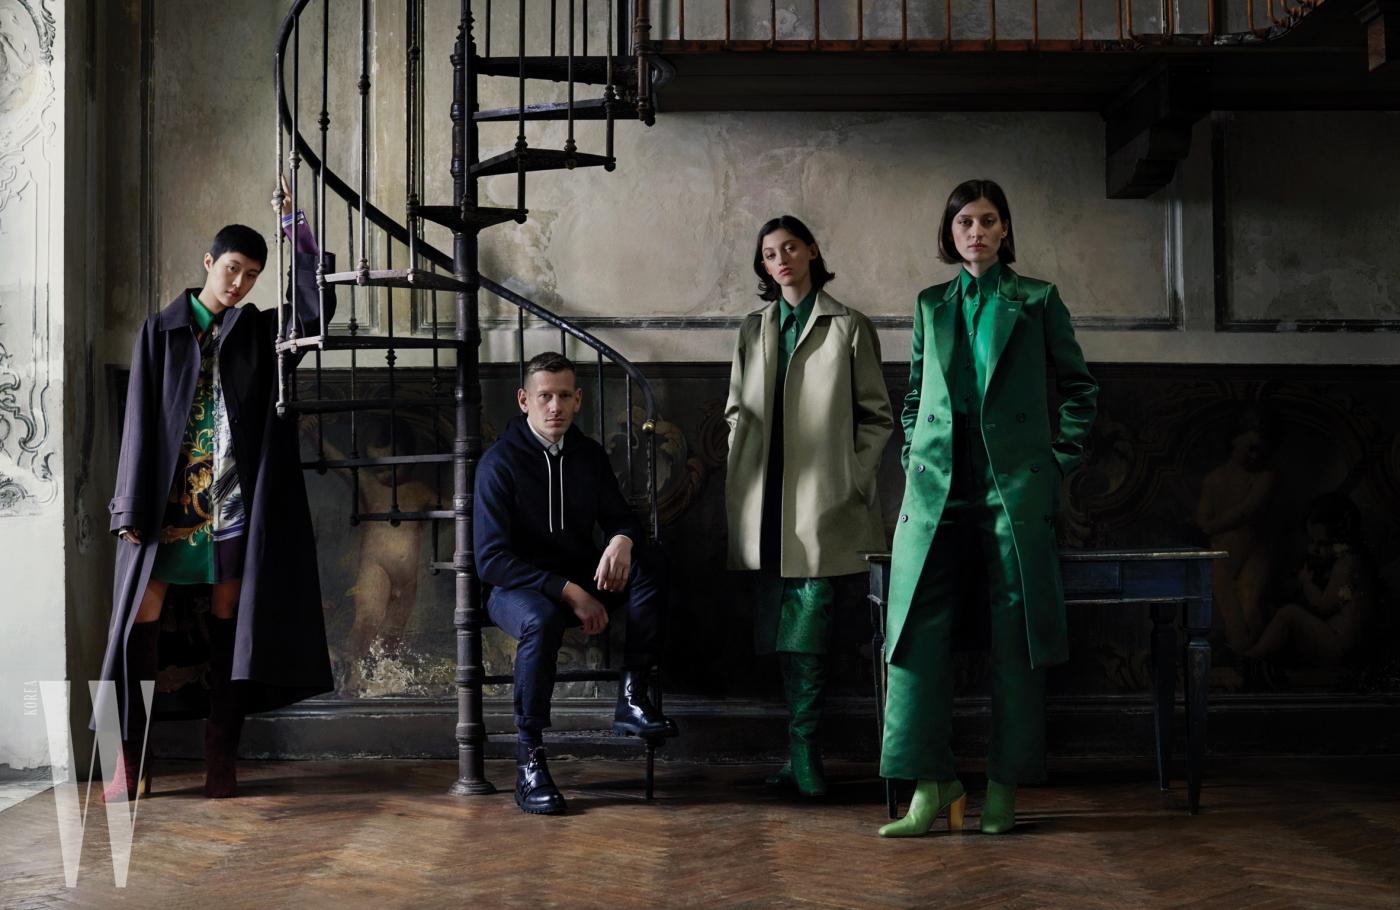 자신의 첫 페라가모 레디투웨어 데뷔 컬렉션 의상을 입은 모델들과 함께한 폴 앤드루.